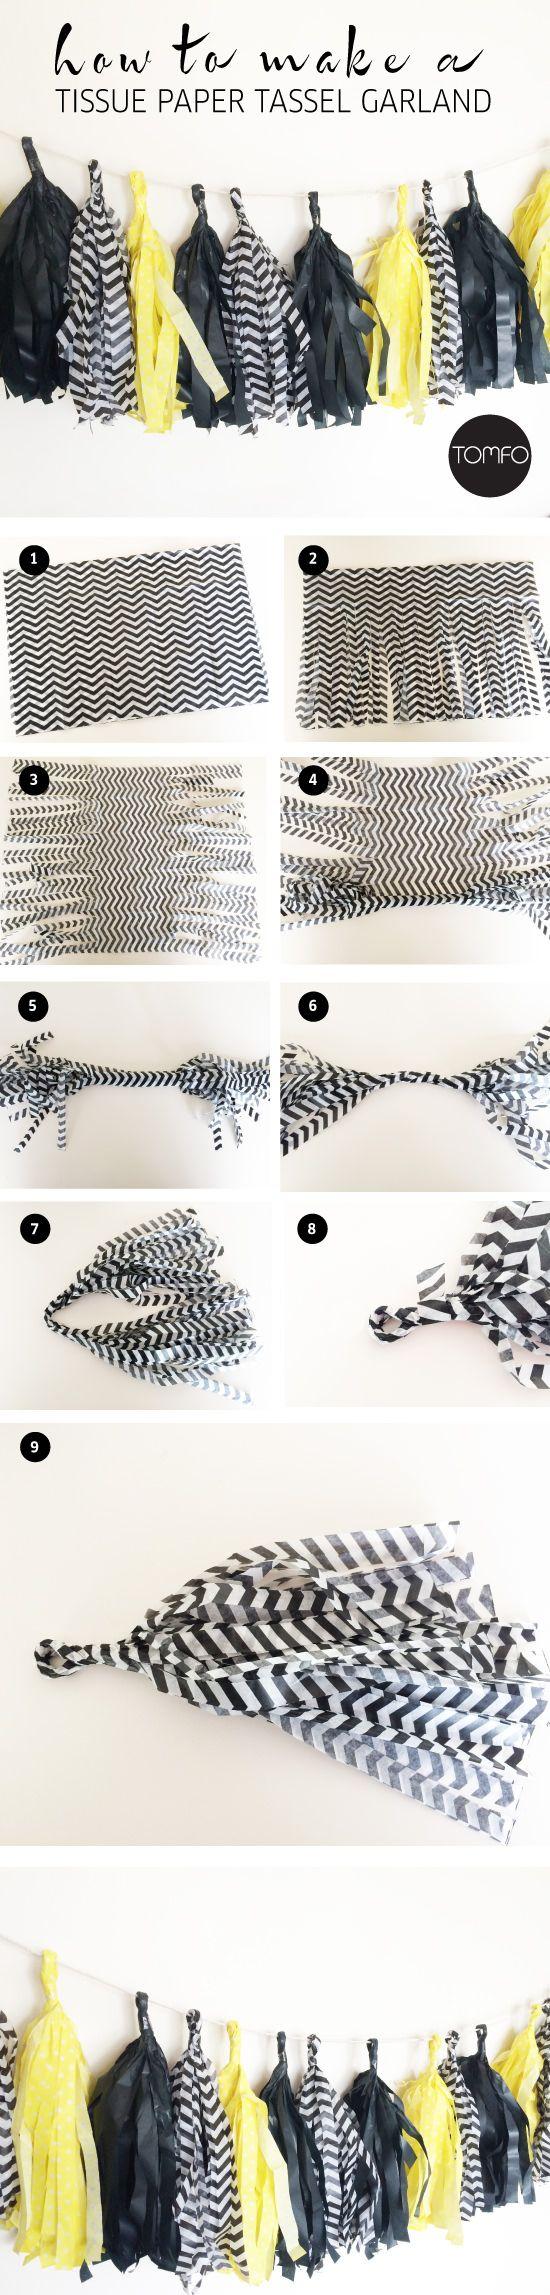 TOMFO-tissue-paper-tassle-garland1